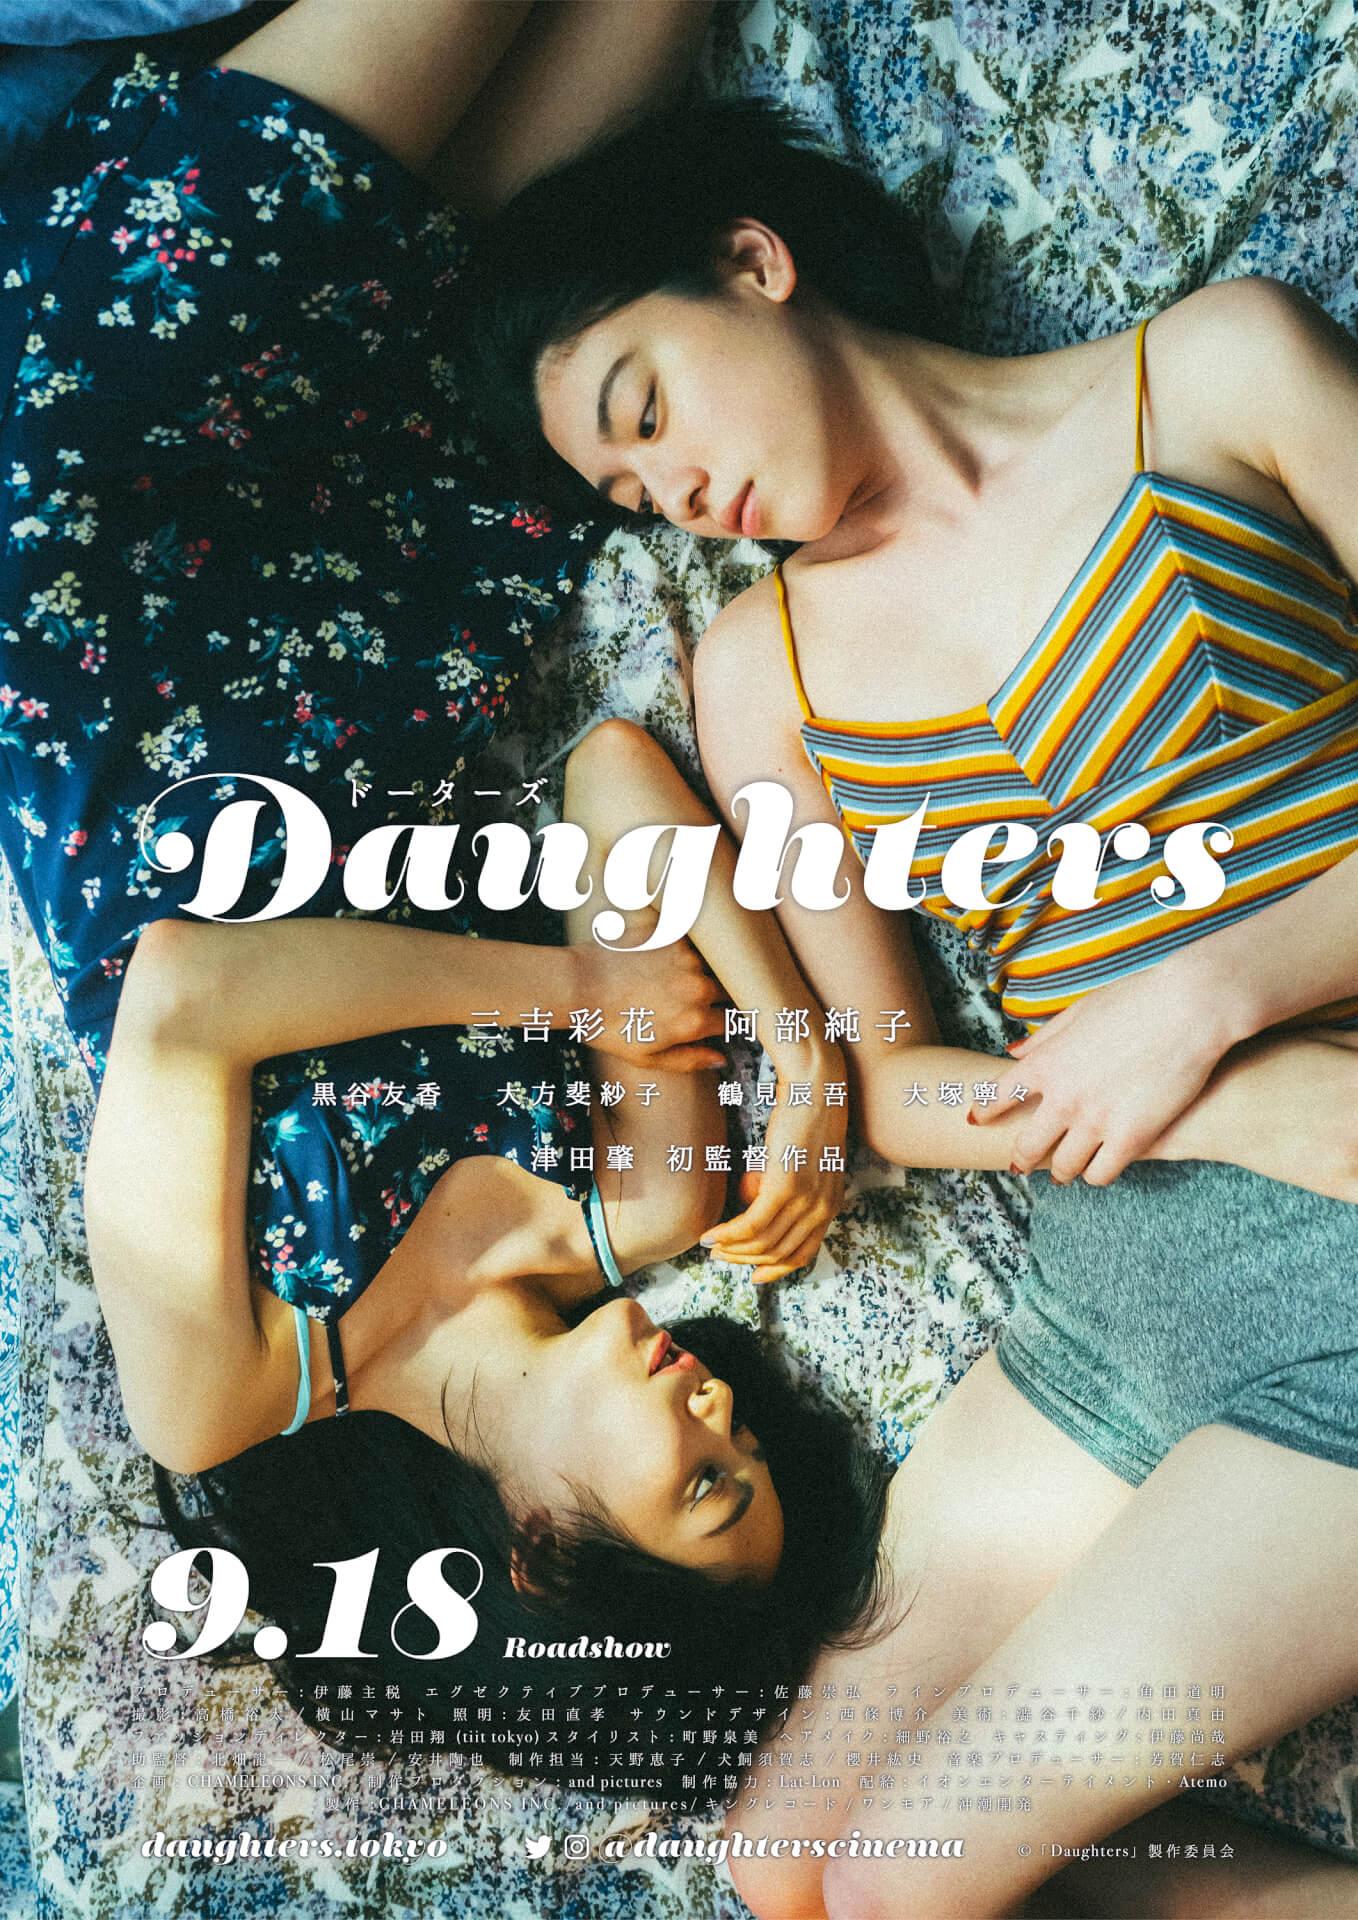 三吉彩花・阿部純子W主演映画『Daughters』音楽提供アーティスト豪華総勢13組を一挙発表|chelmicoからコメントも到着 film200521-daughters-3